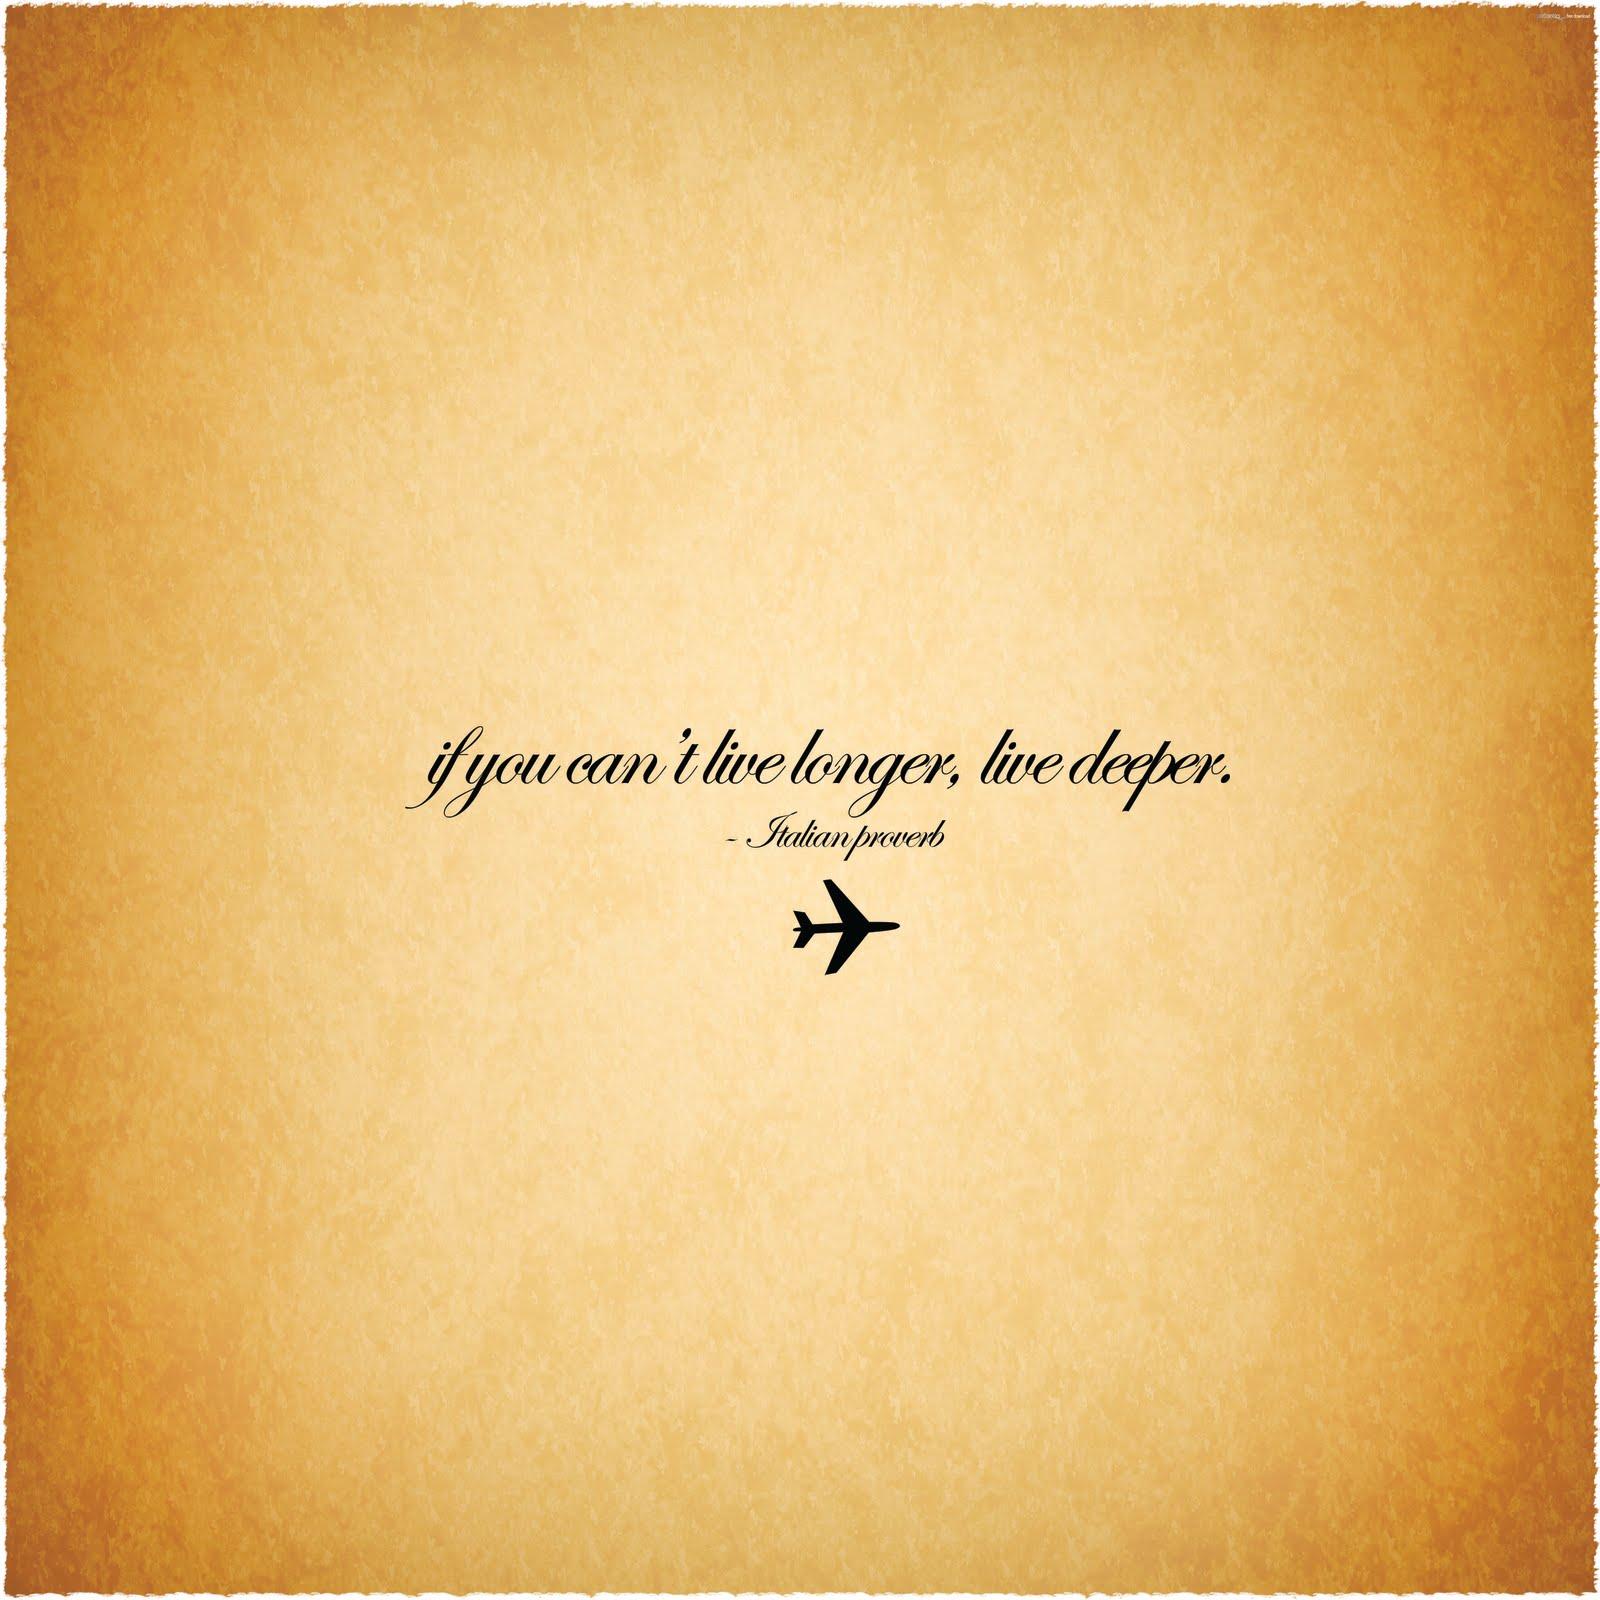 Travel quote #4